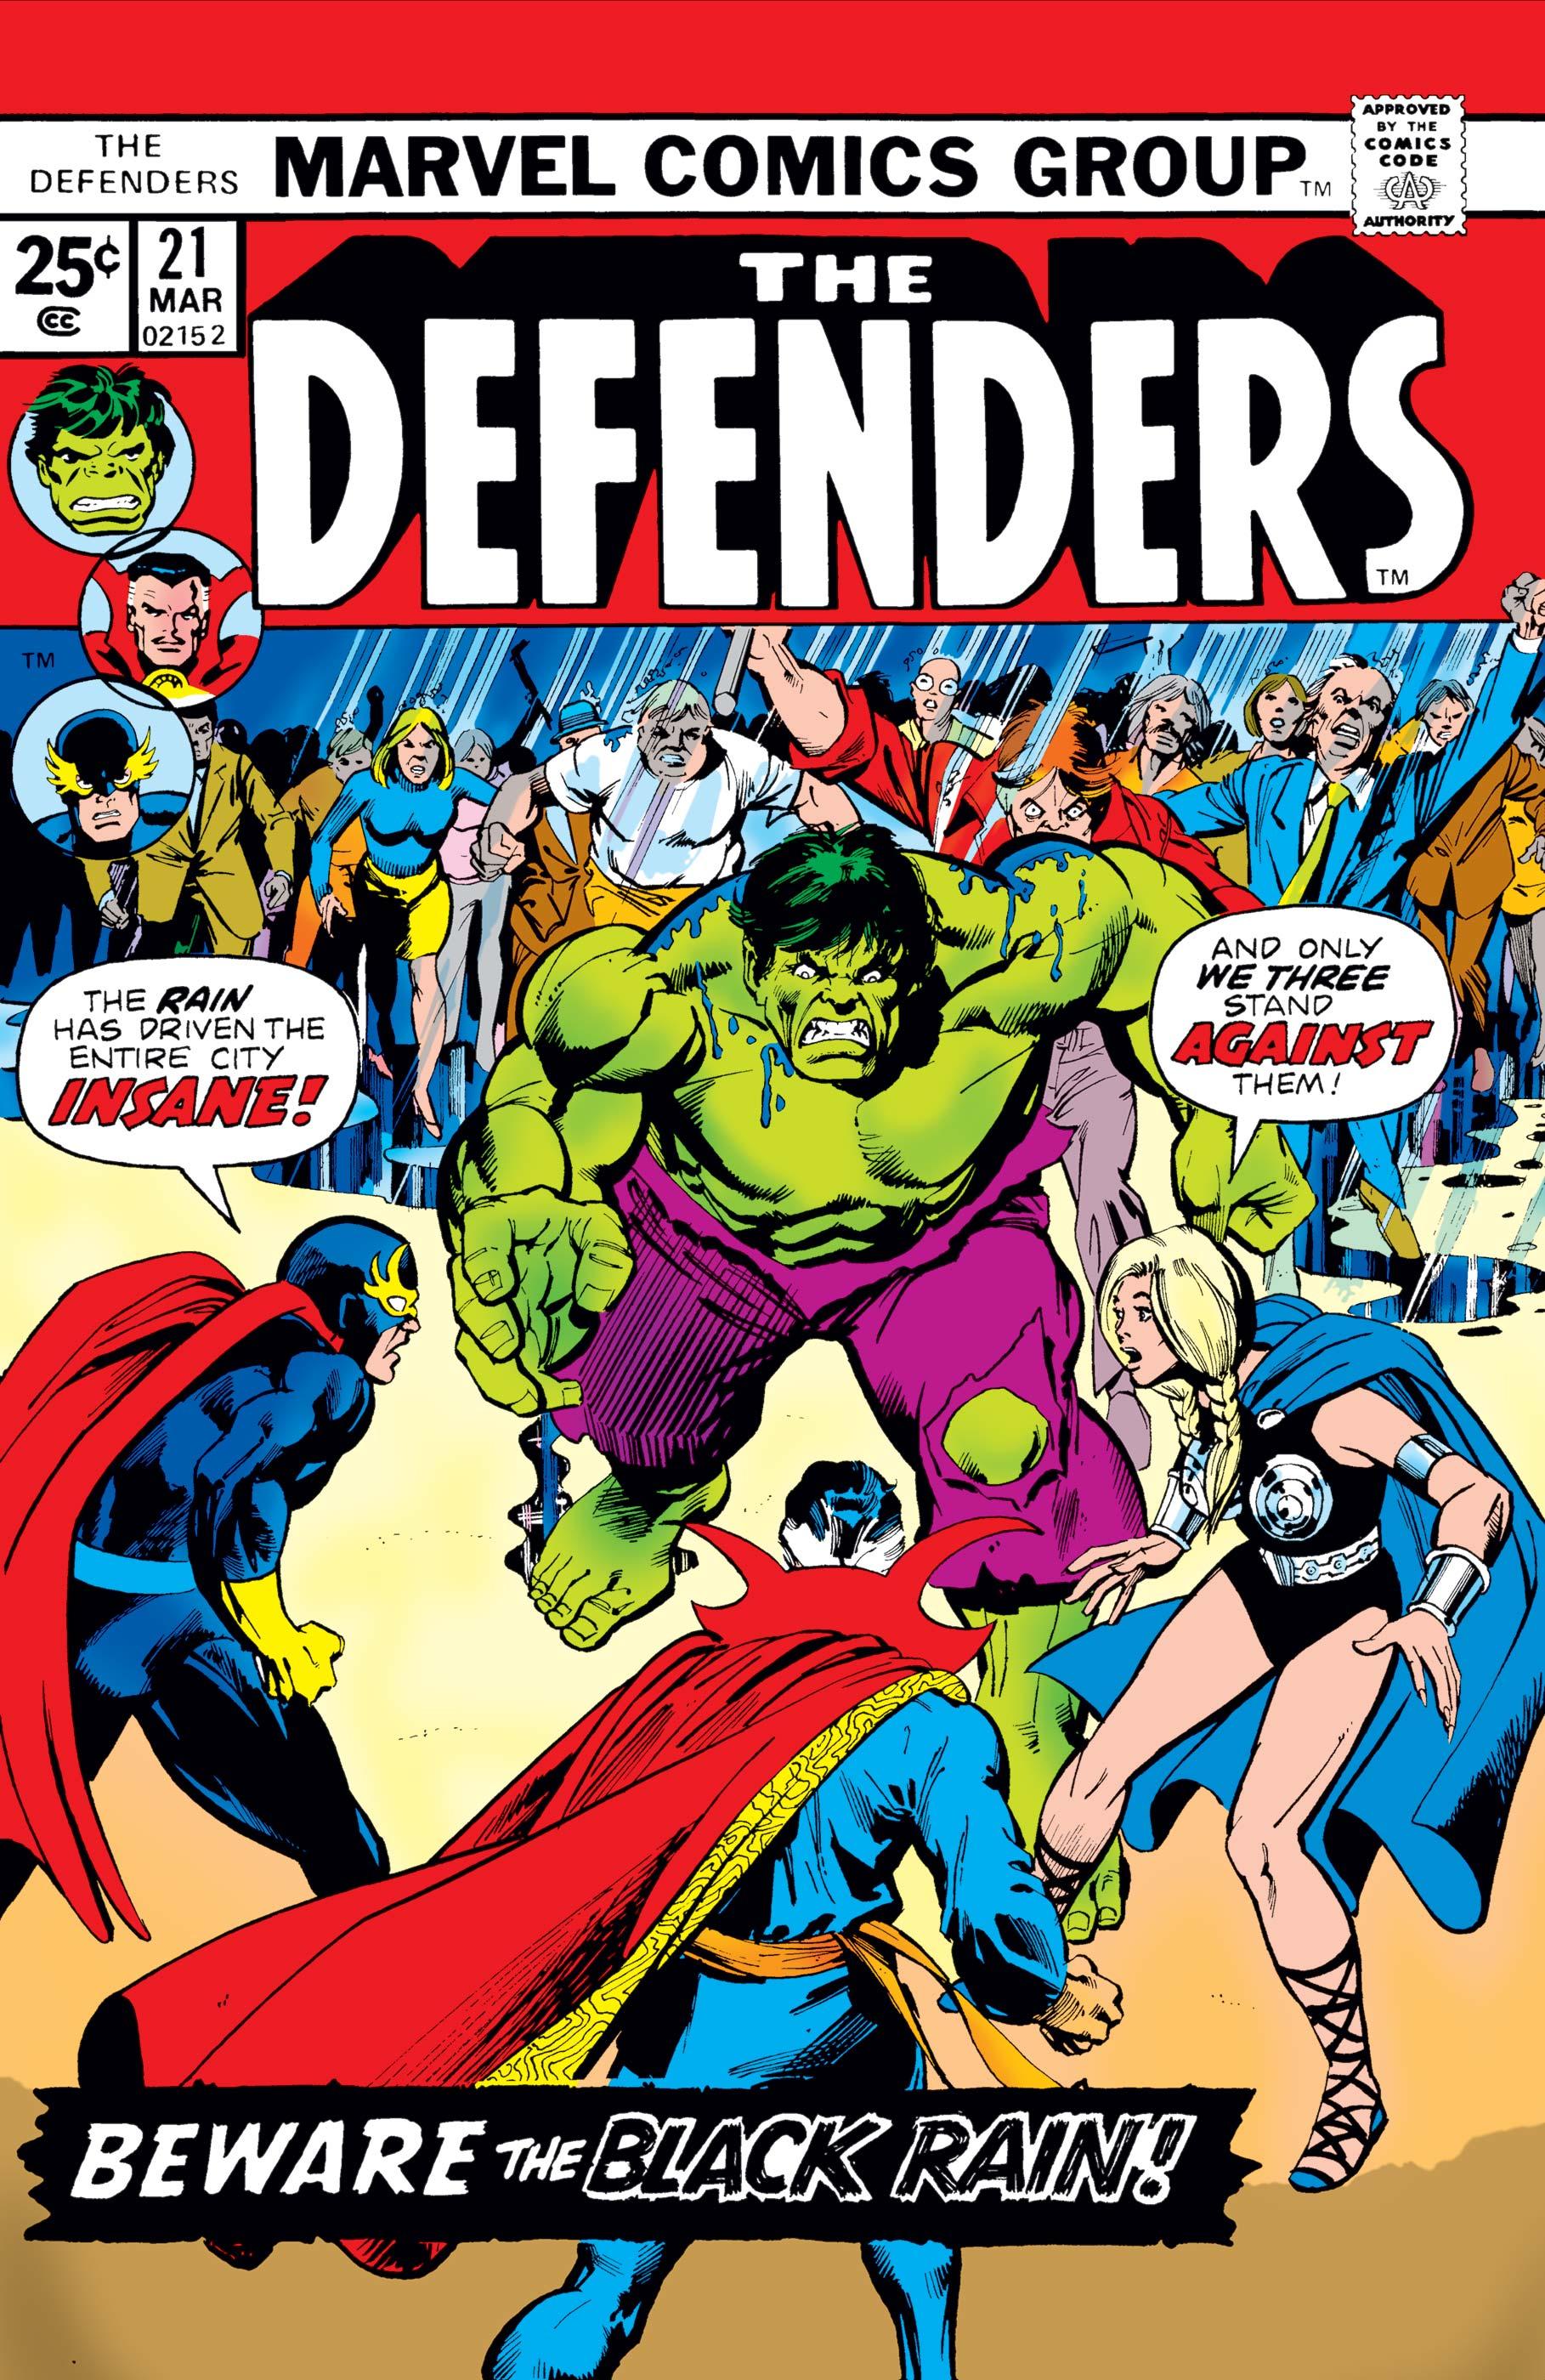 Defenders (1972) #21